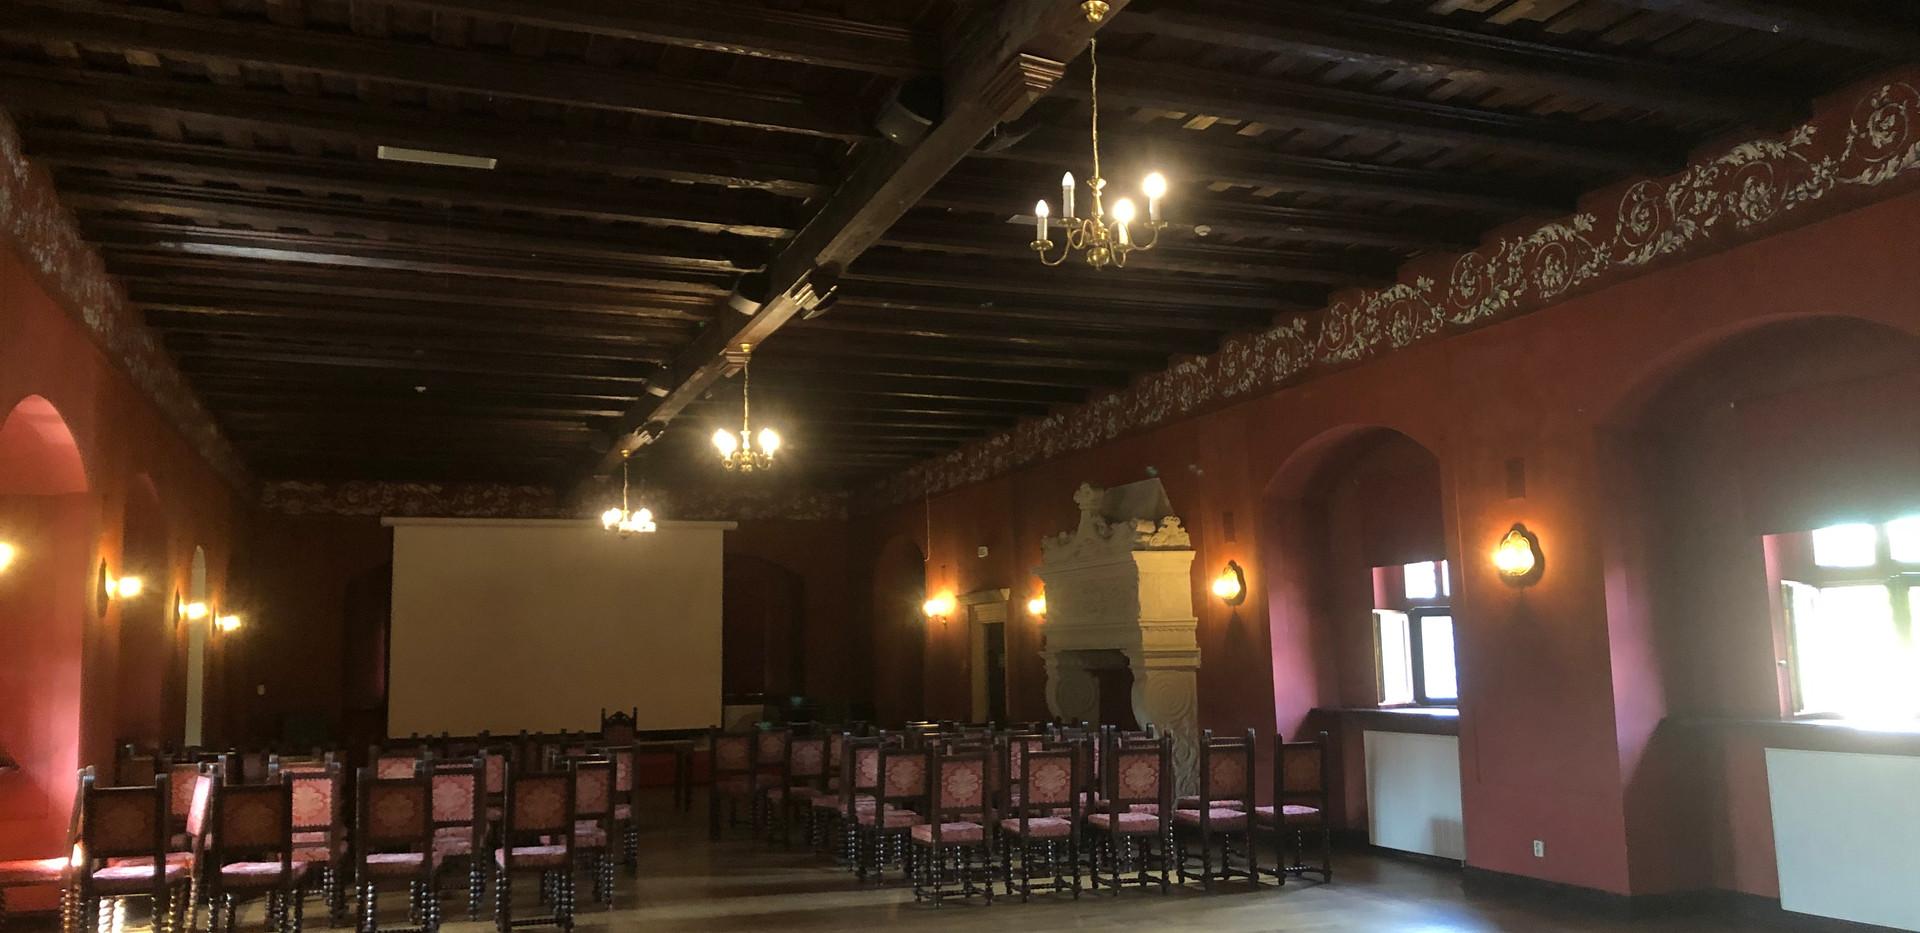 Saal im Schloss Kliczkow